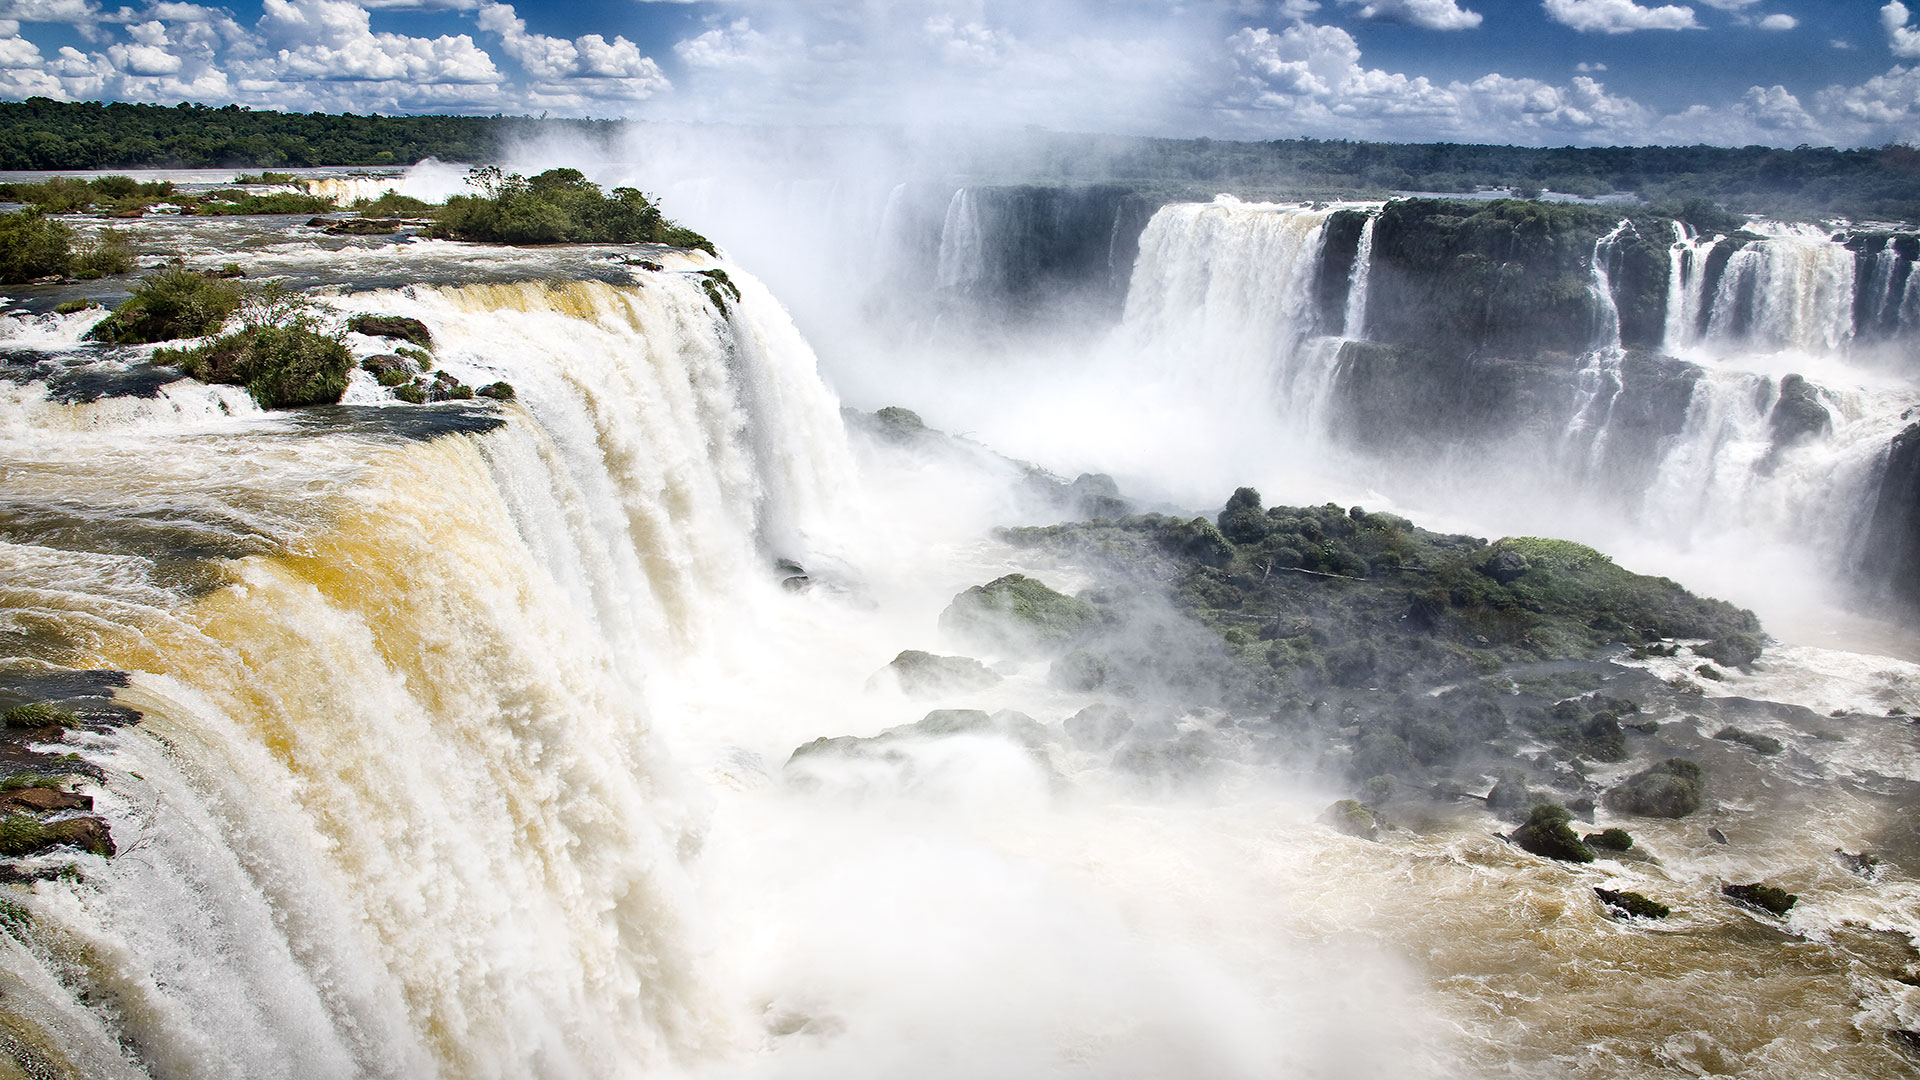 Iguazú. Misiones, Argentina